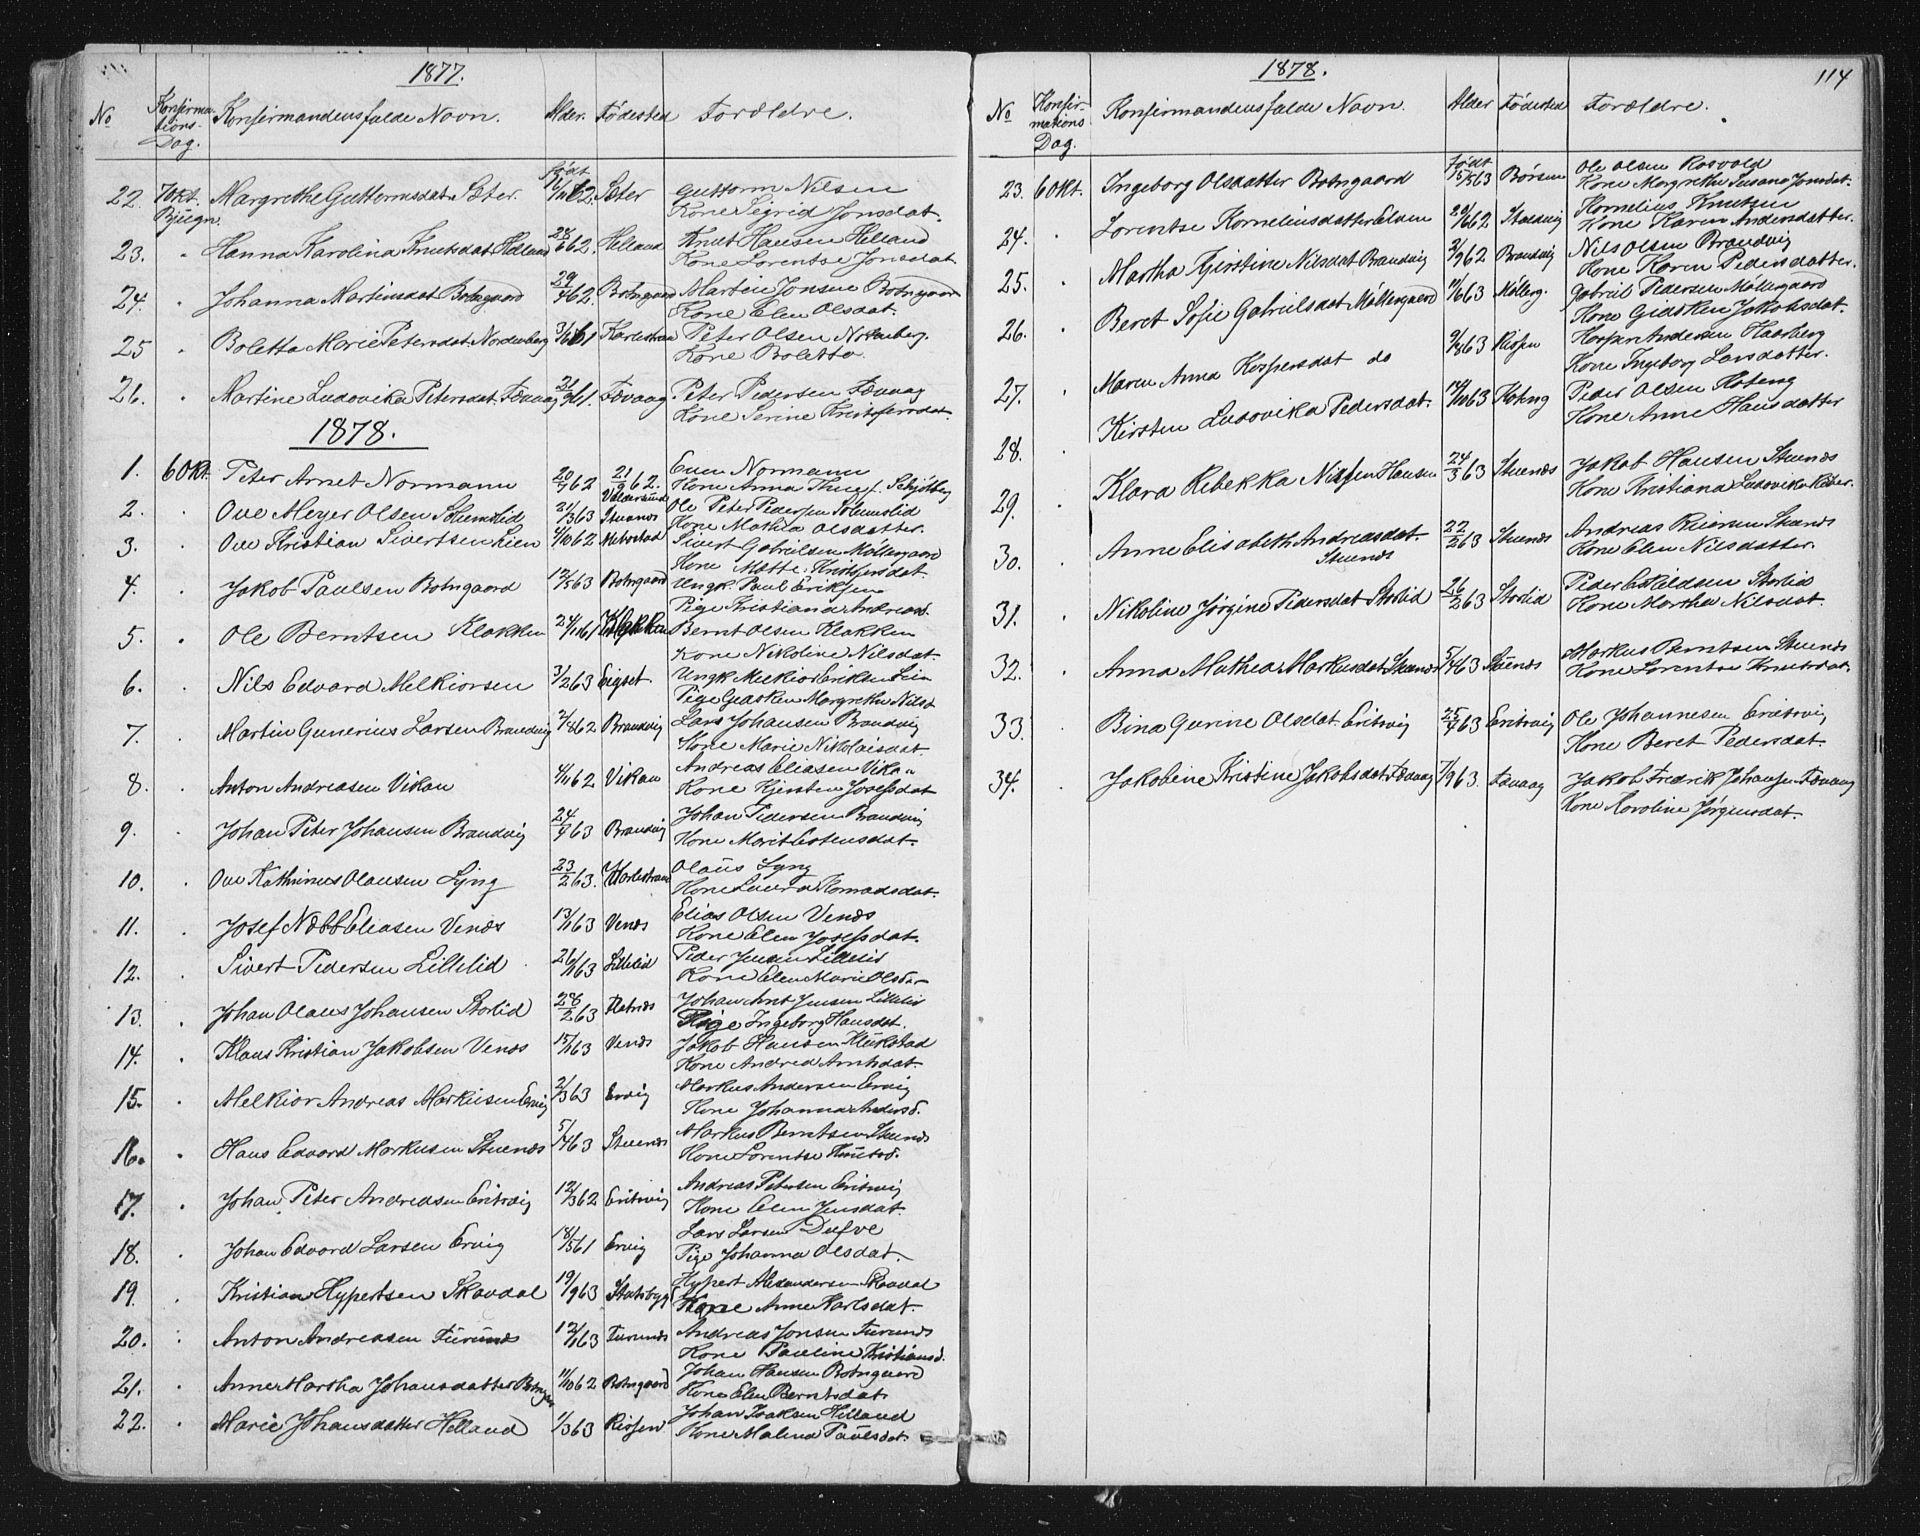 SAT, Ministerialprotokoller, klokkerbøker og fødselsregistre - Sør-Trøndelag, 651/L0647: Klokkerbok nr. 651C01, 1866-1914, s. 114